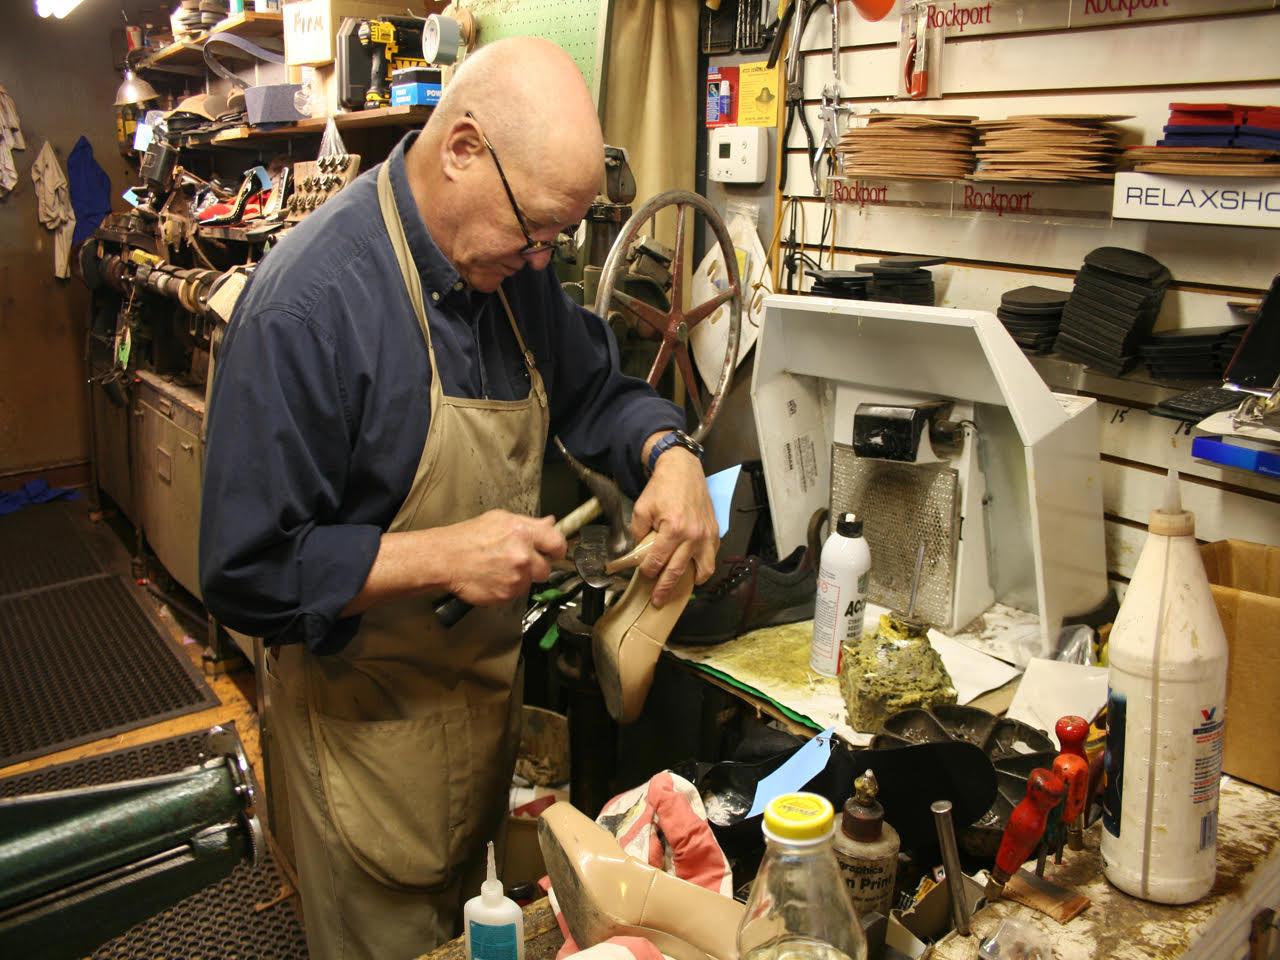 Ателье по ремонту одежды, мастерская по ремонту обуви и изготовлению ключей